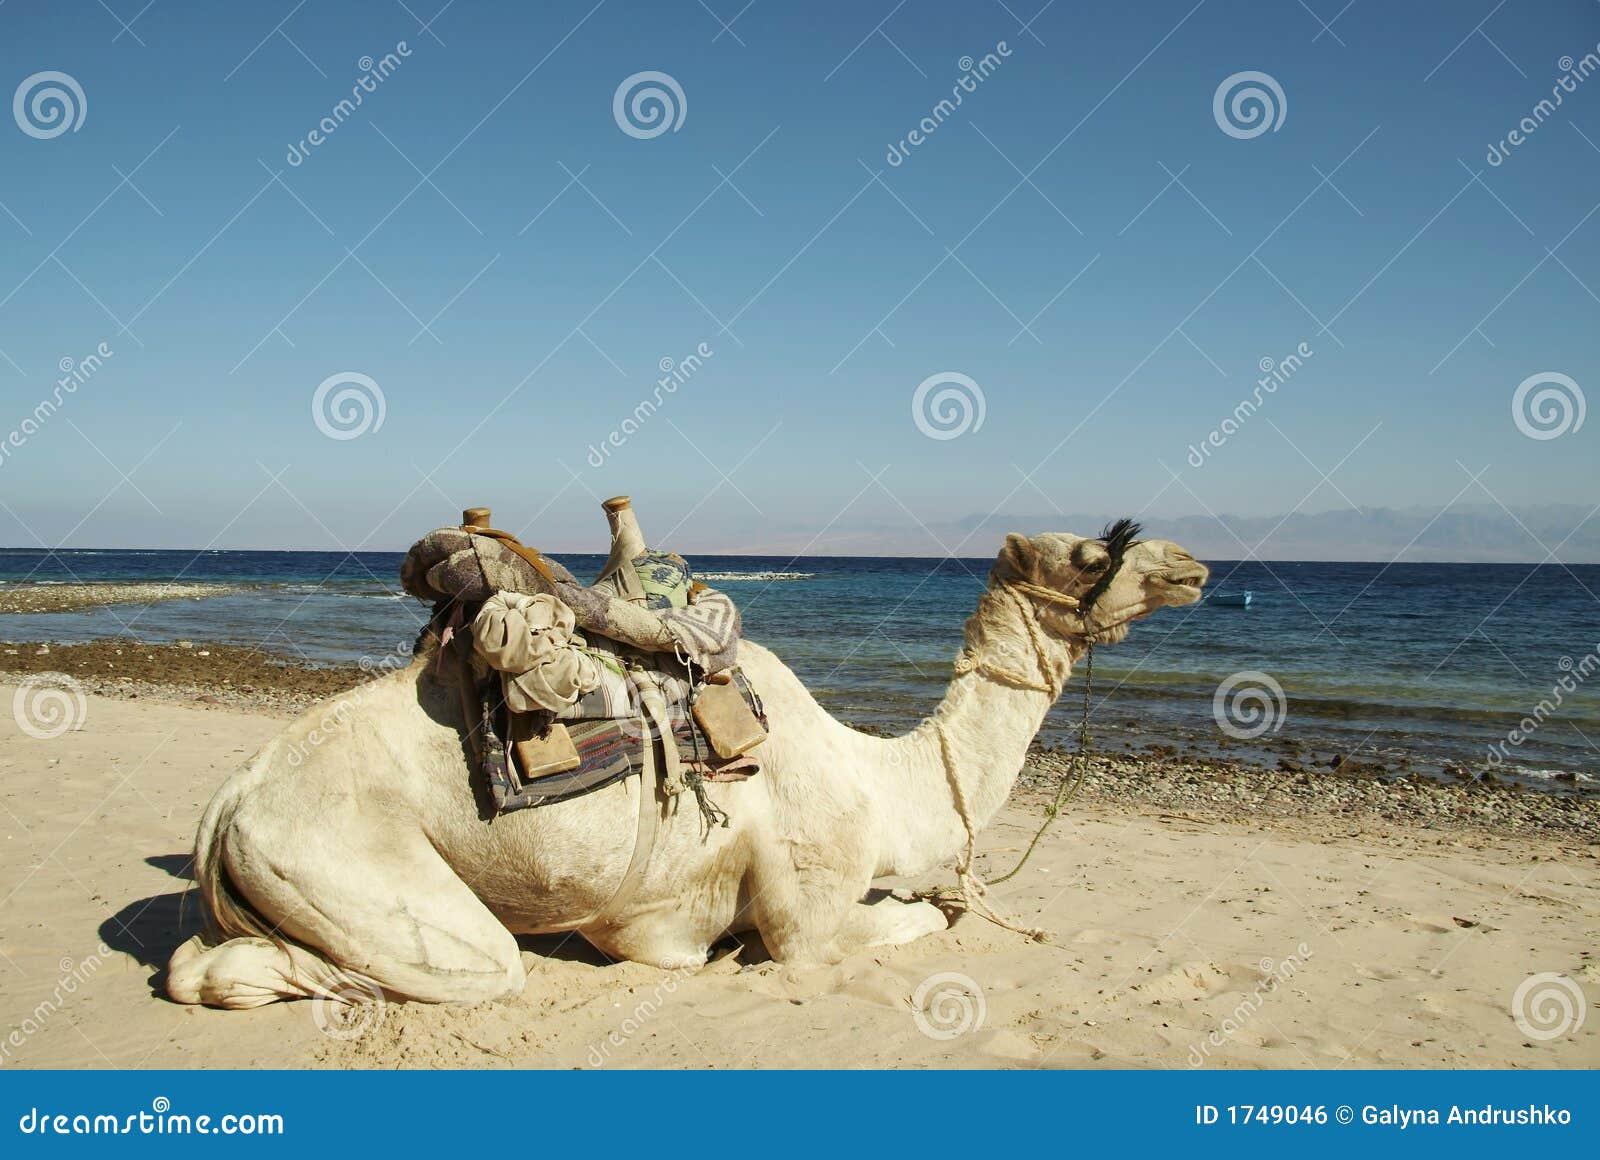 Camello en las costas costas del Mar Rojo